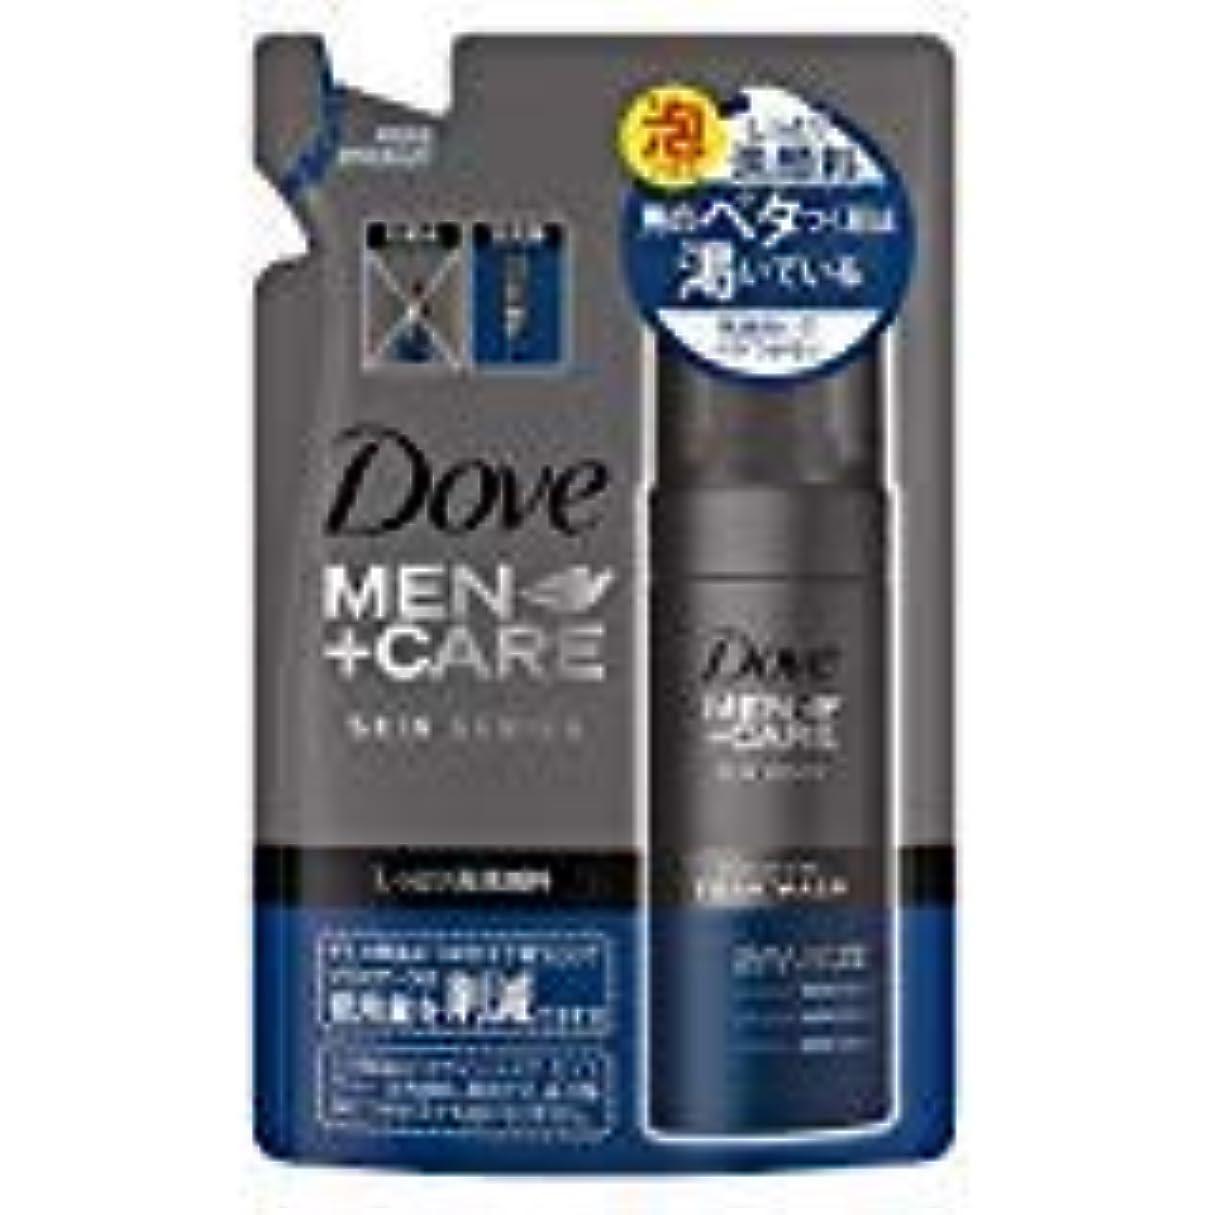 晩ごはん縮れた適度にダヴメン+ケア モイスチャー 泡洗顔料つめかえ用120ml×3点